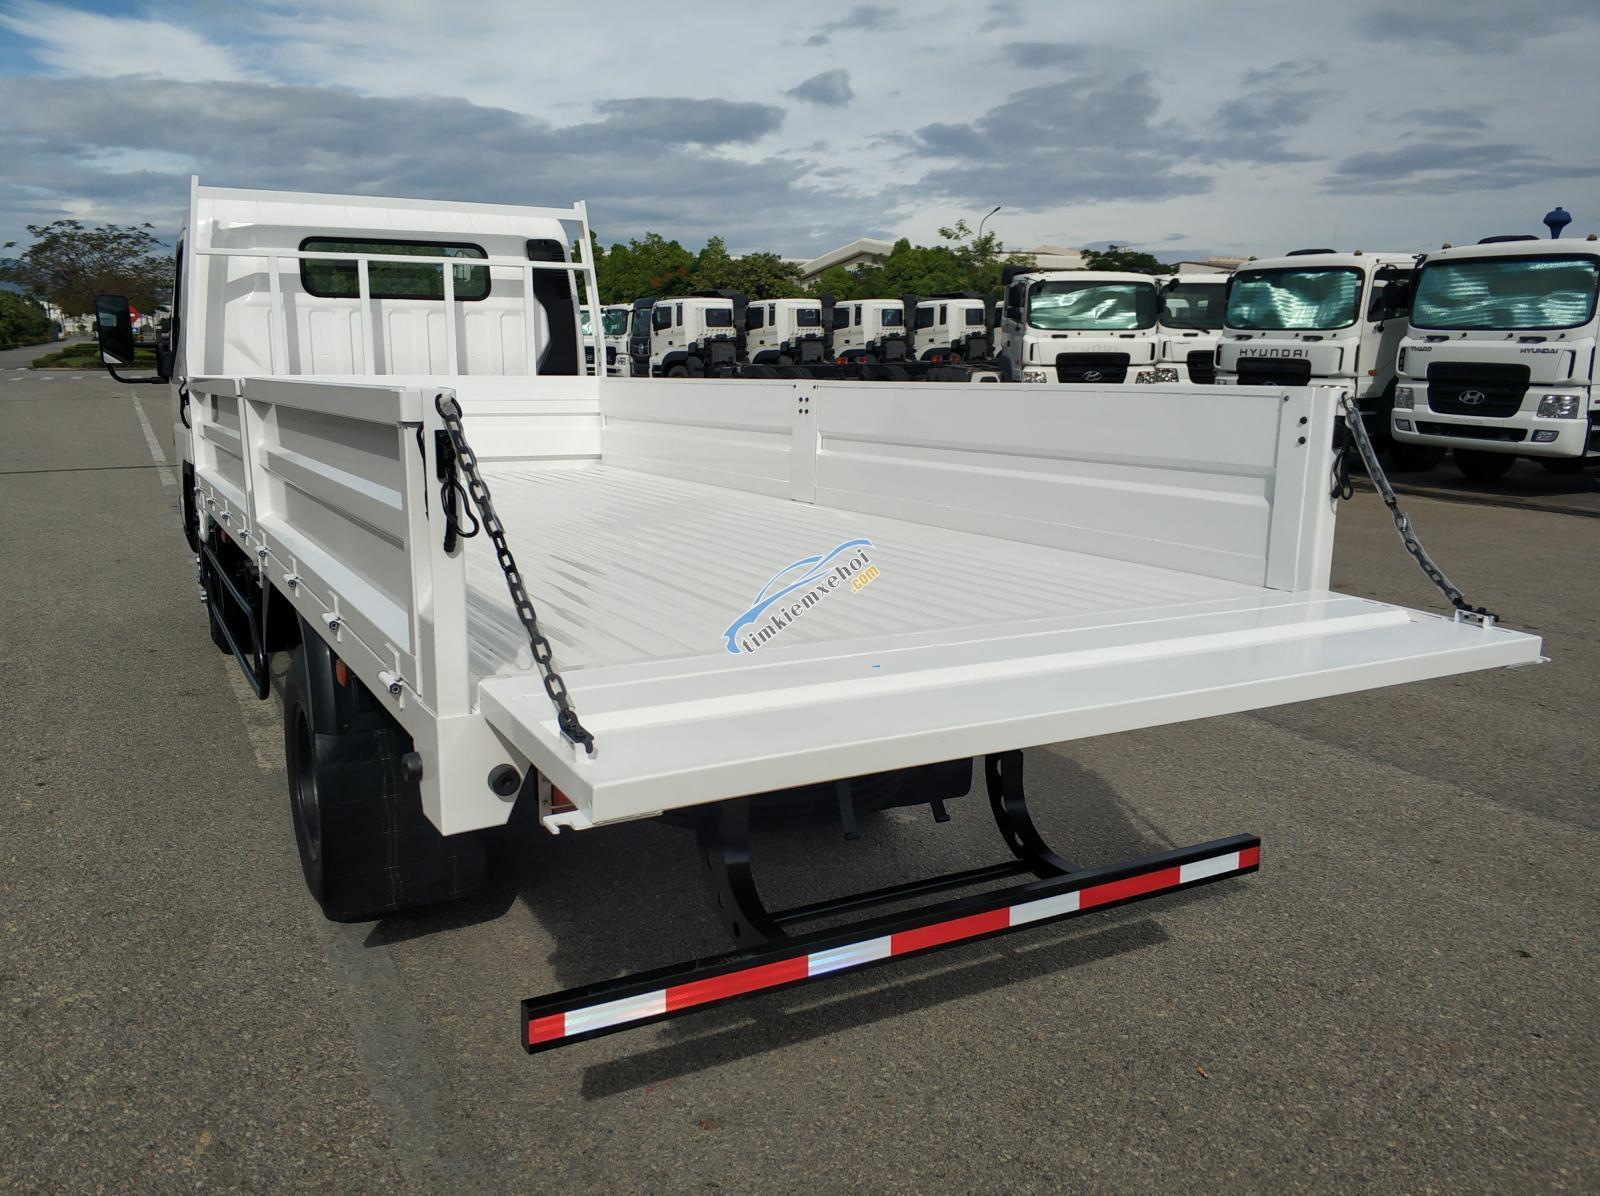 Xe tải Misubishi Fuso Canter 4.99 thùng lửng - 2,49 tấn mới